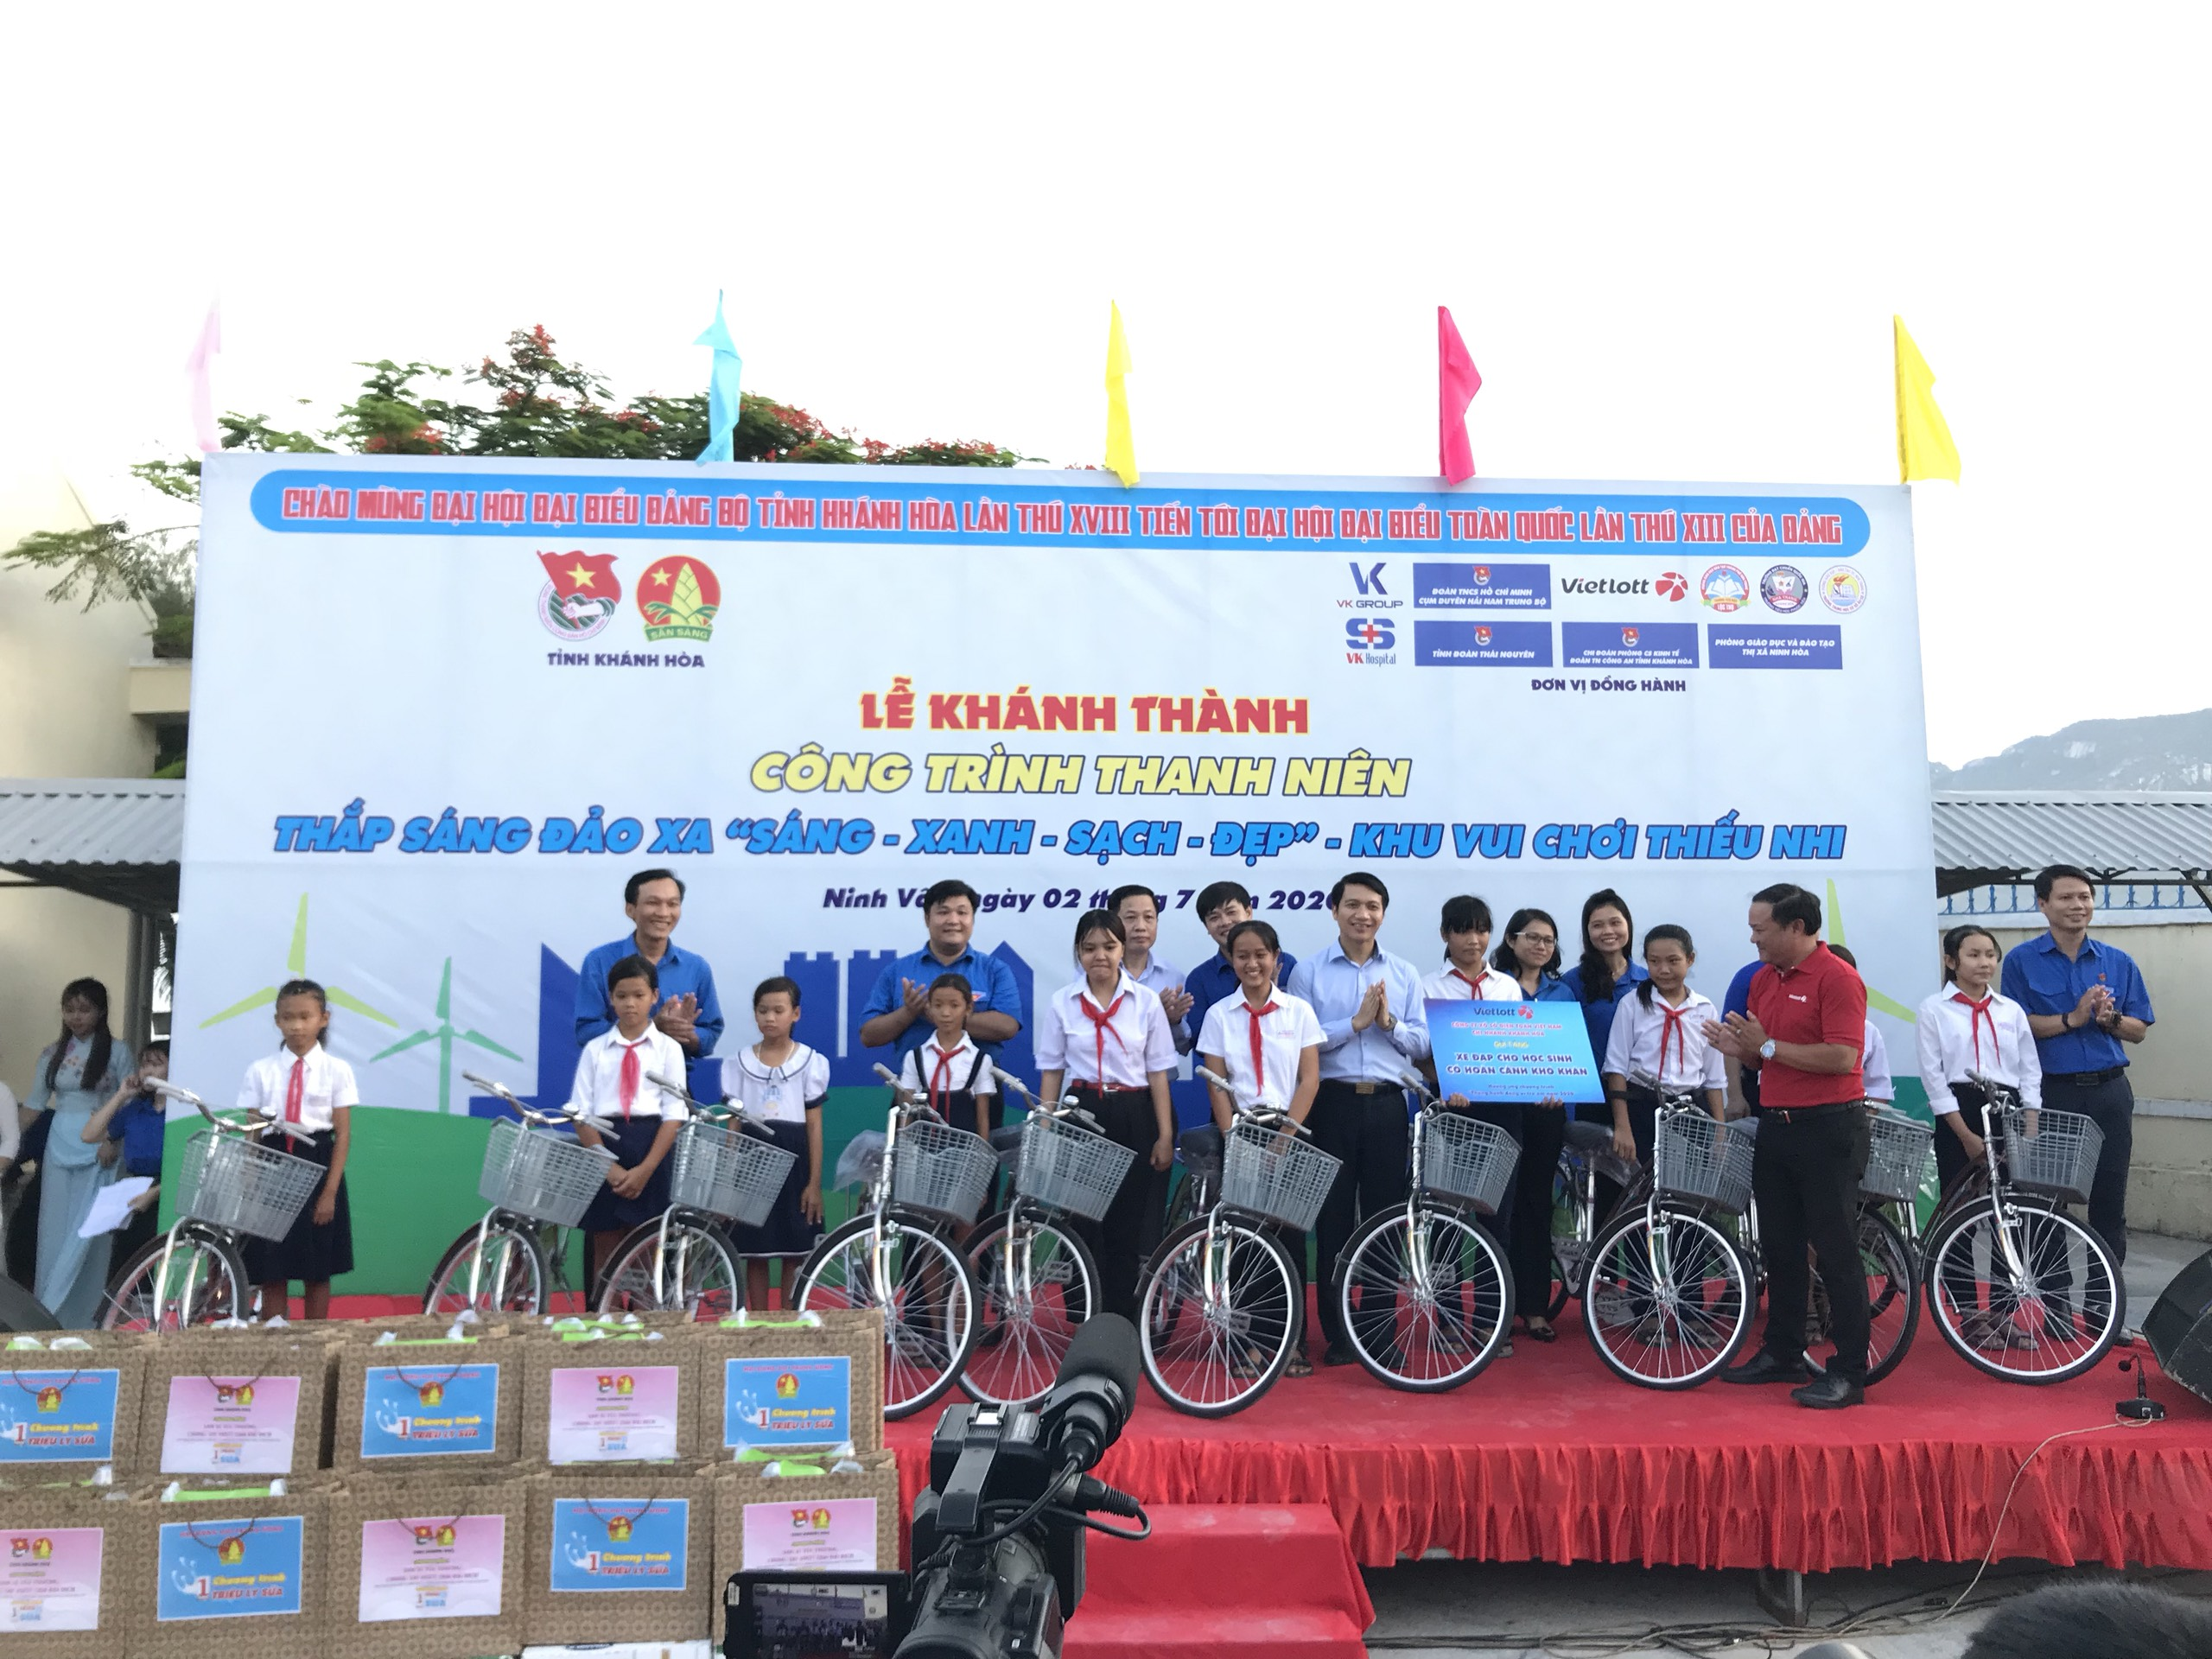 Học sinh nghèo và chiếc xe đạp: giấc mơ chậm trên con đường vội vã